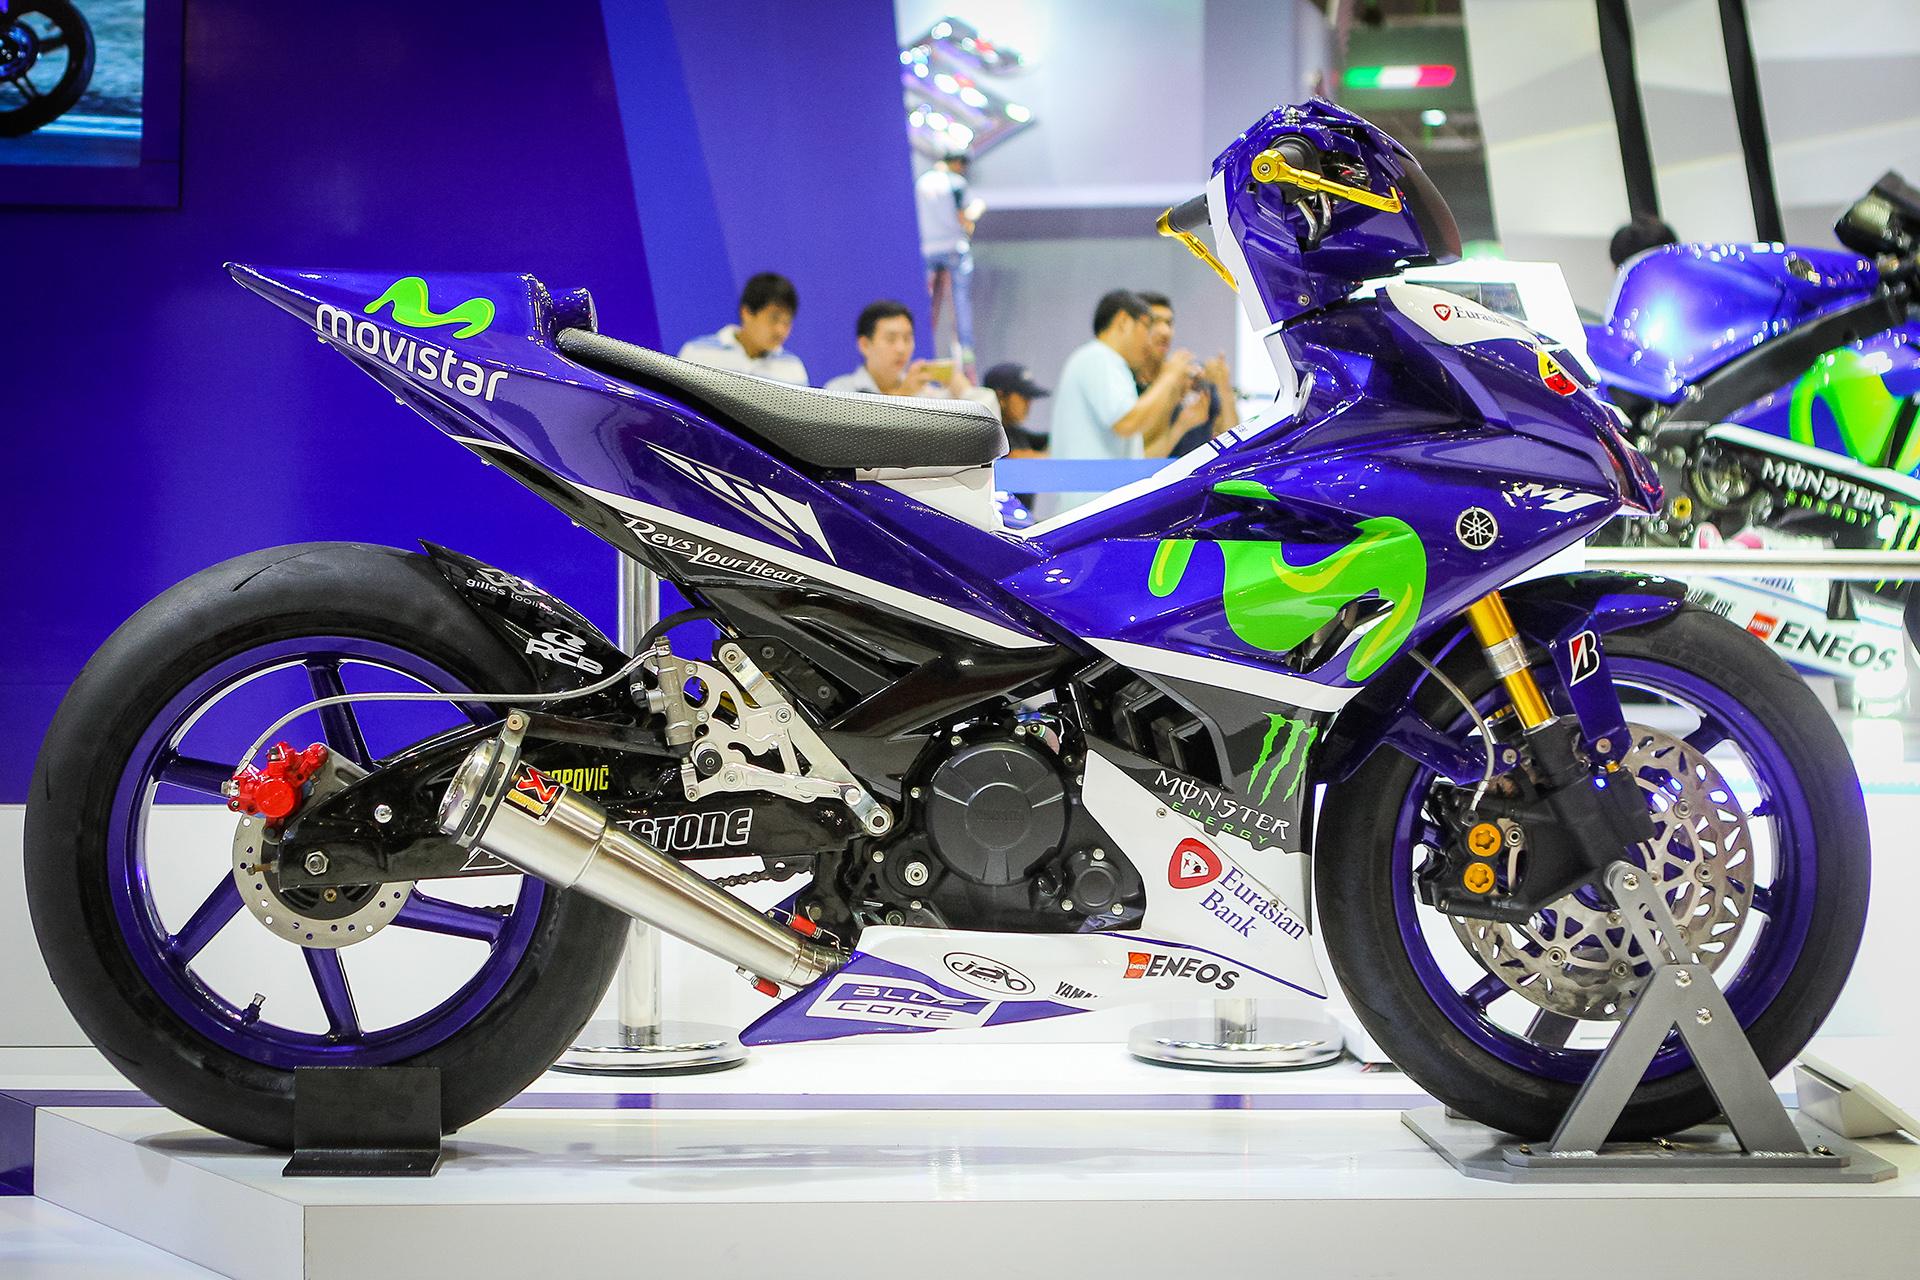 Chi tiết Exciter 150 độ phong cách siêu môtô YZR-M1